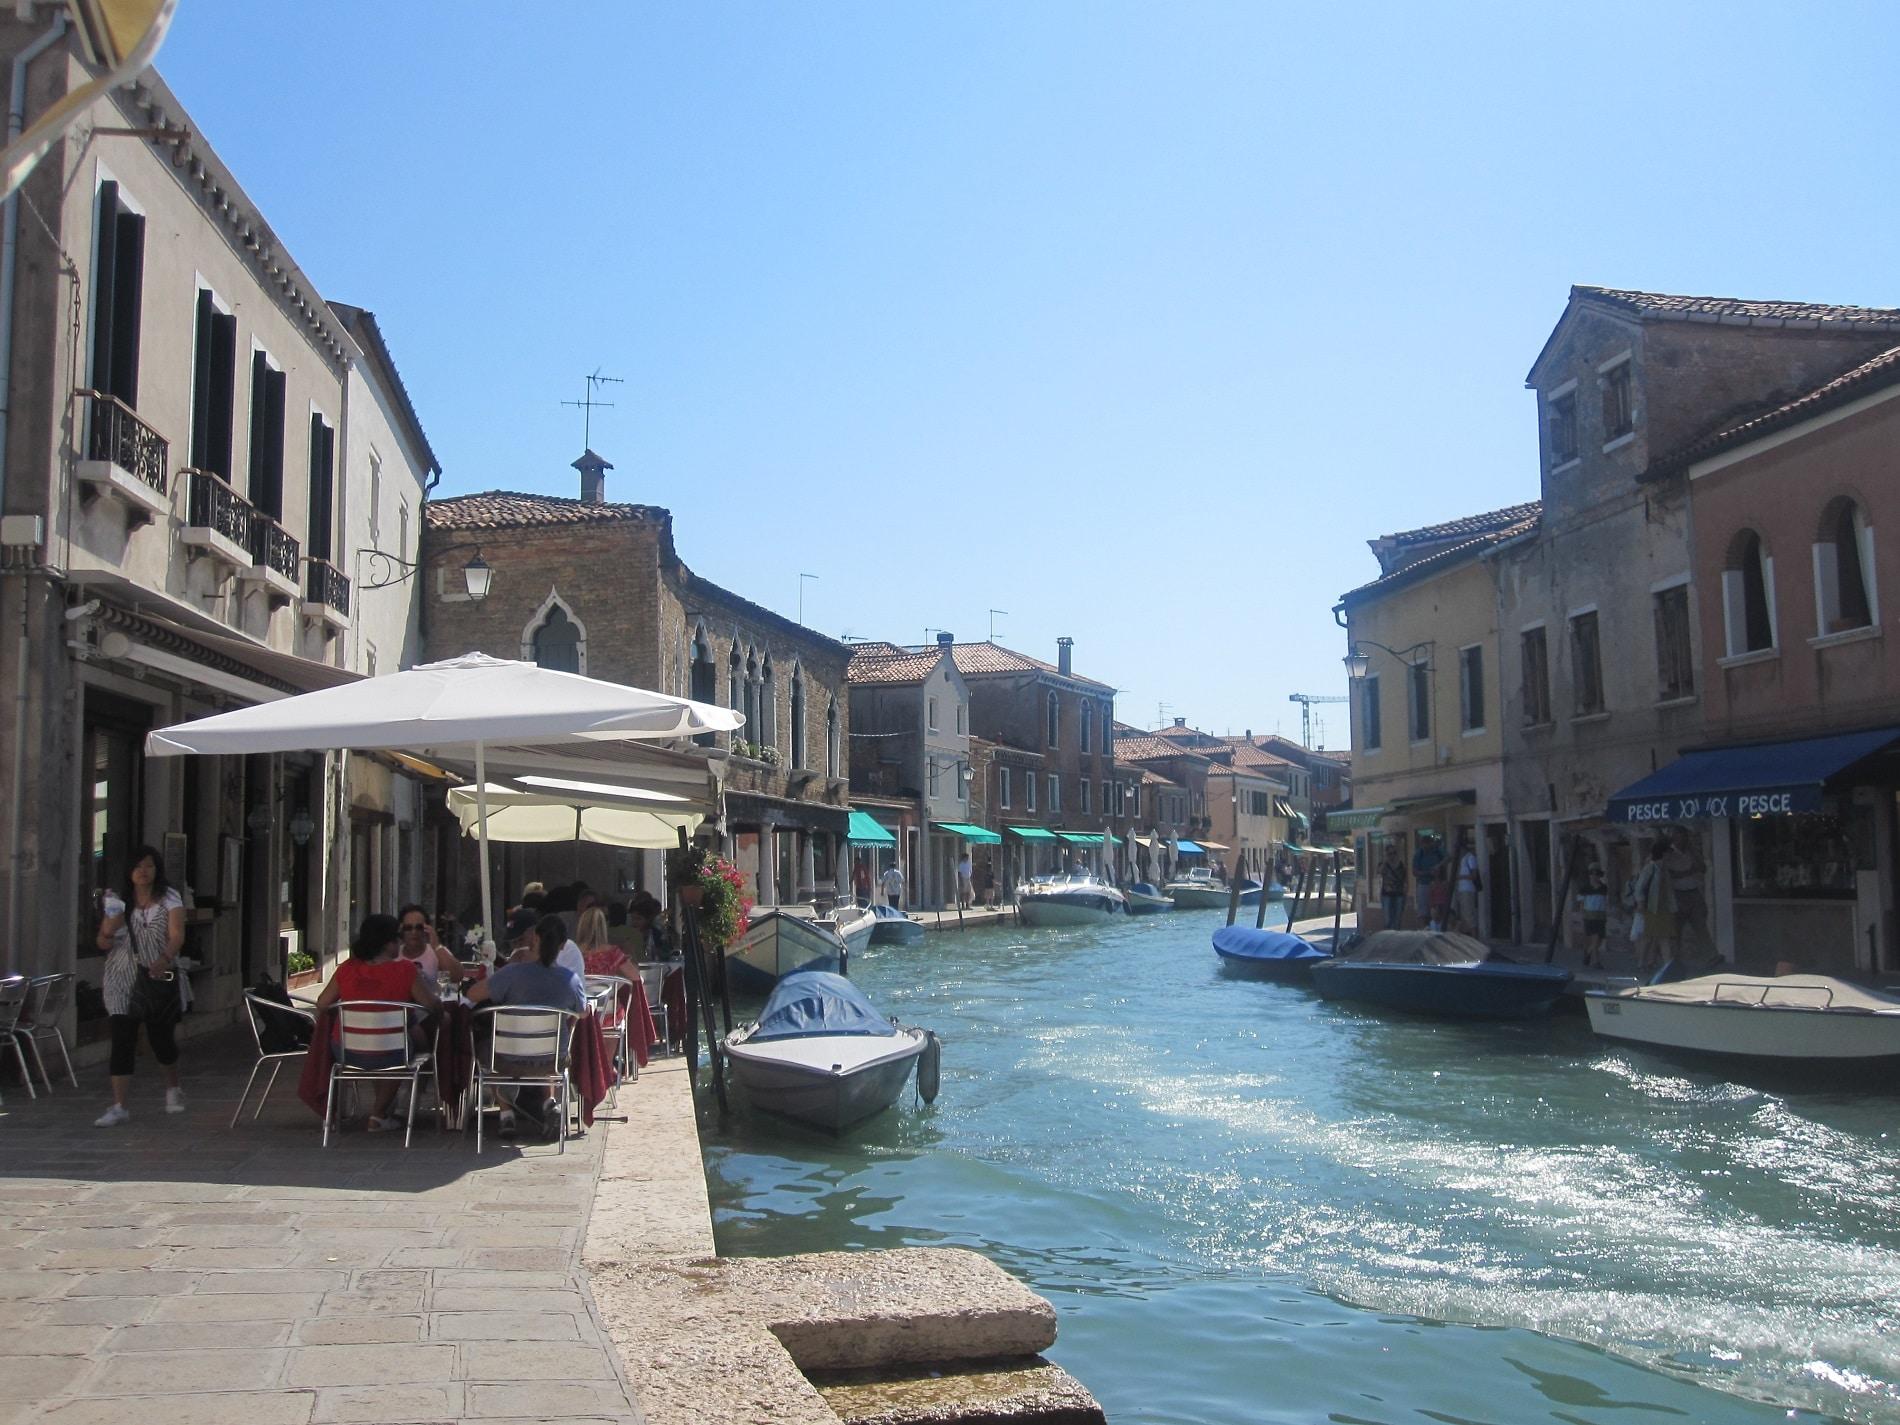 Stilul de viață relaxat al oamenilor din Murano